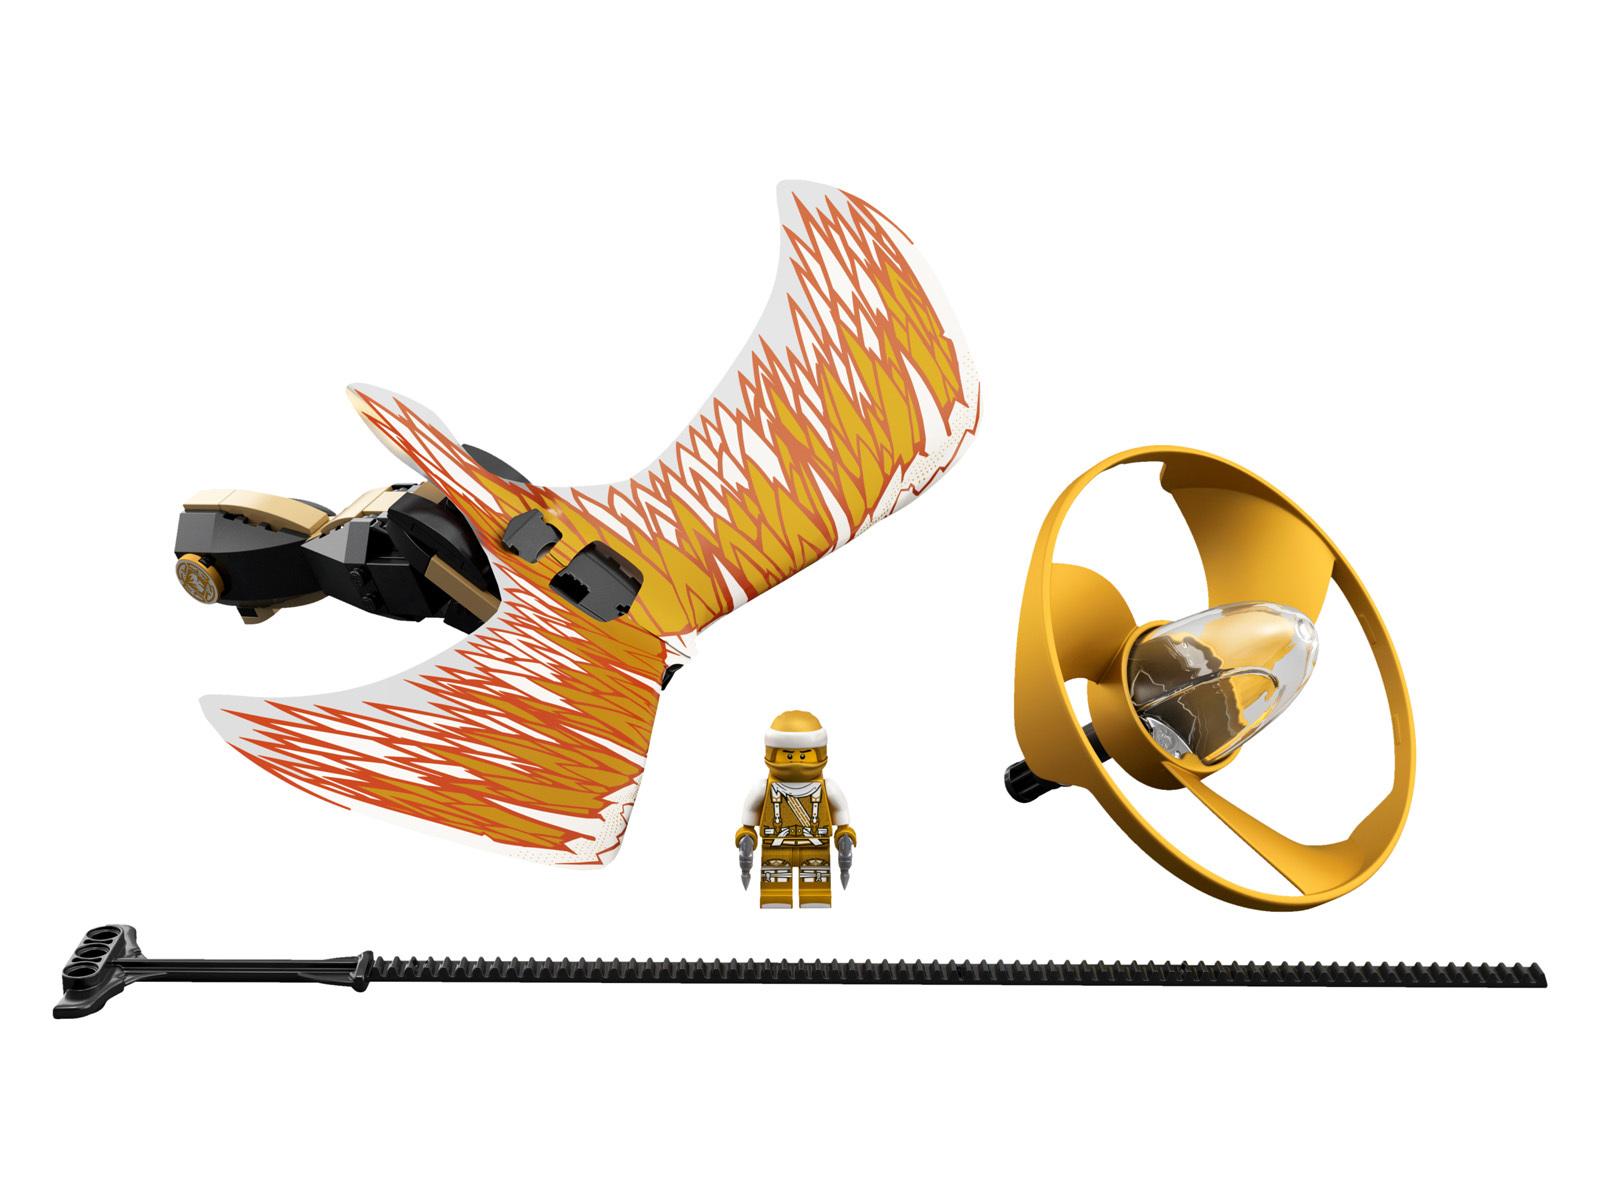 LEGO NINJAGO ALTRI 70644 - Maestro dragone d'oro - Lego Ninjago - Toys Center Unisex 12+ Anni, 5-8 Anni, 8-12 Anni